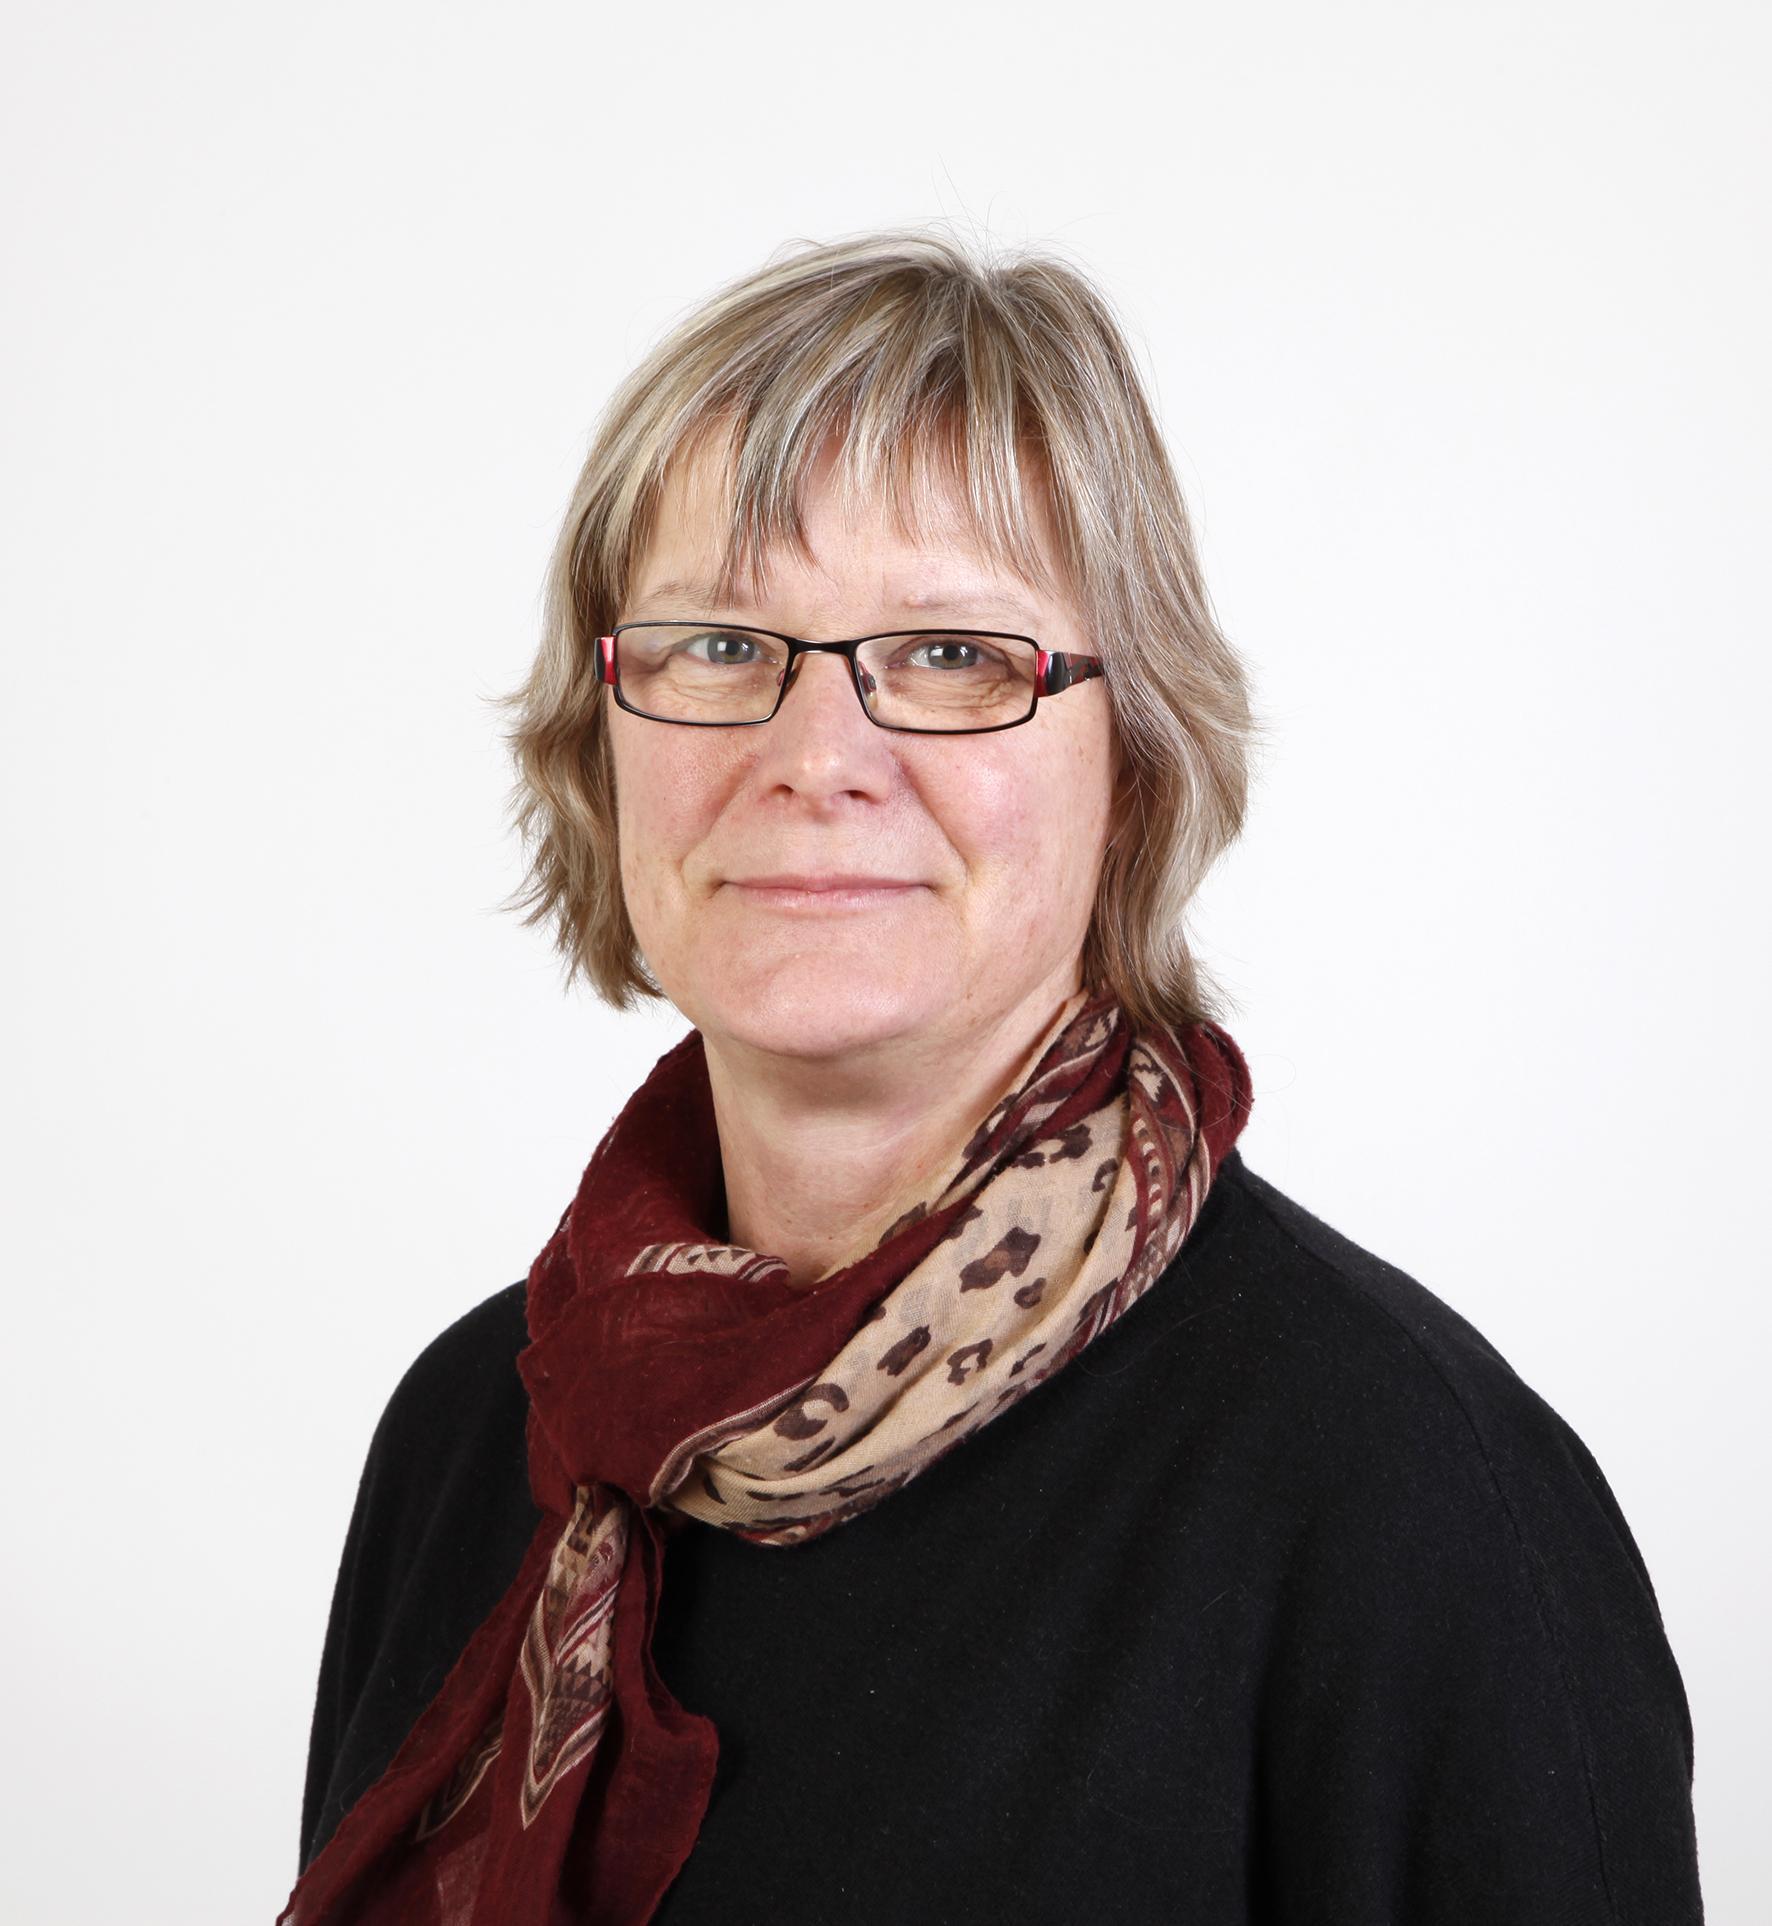 """""""Om man håller hastigheten så behöver man inte fundera på om kameran är på eller inte"""", säger Eva Lundberg, nationell samordnare på Trafikverket."""